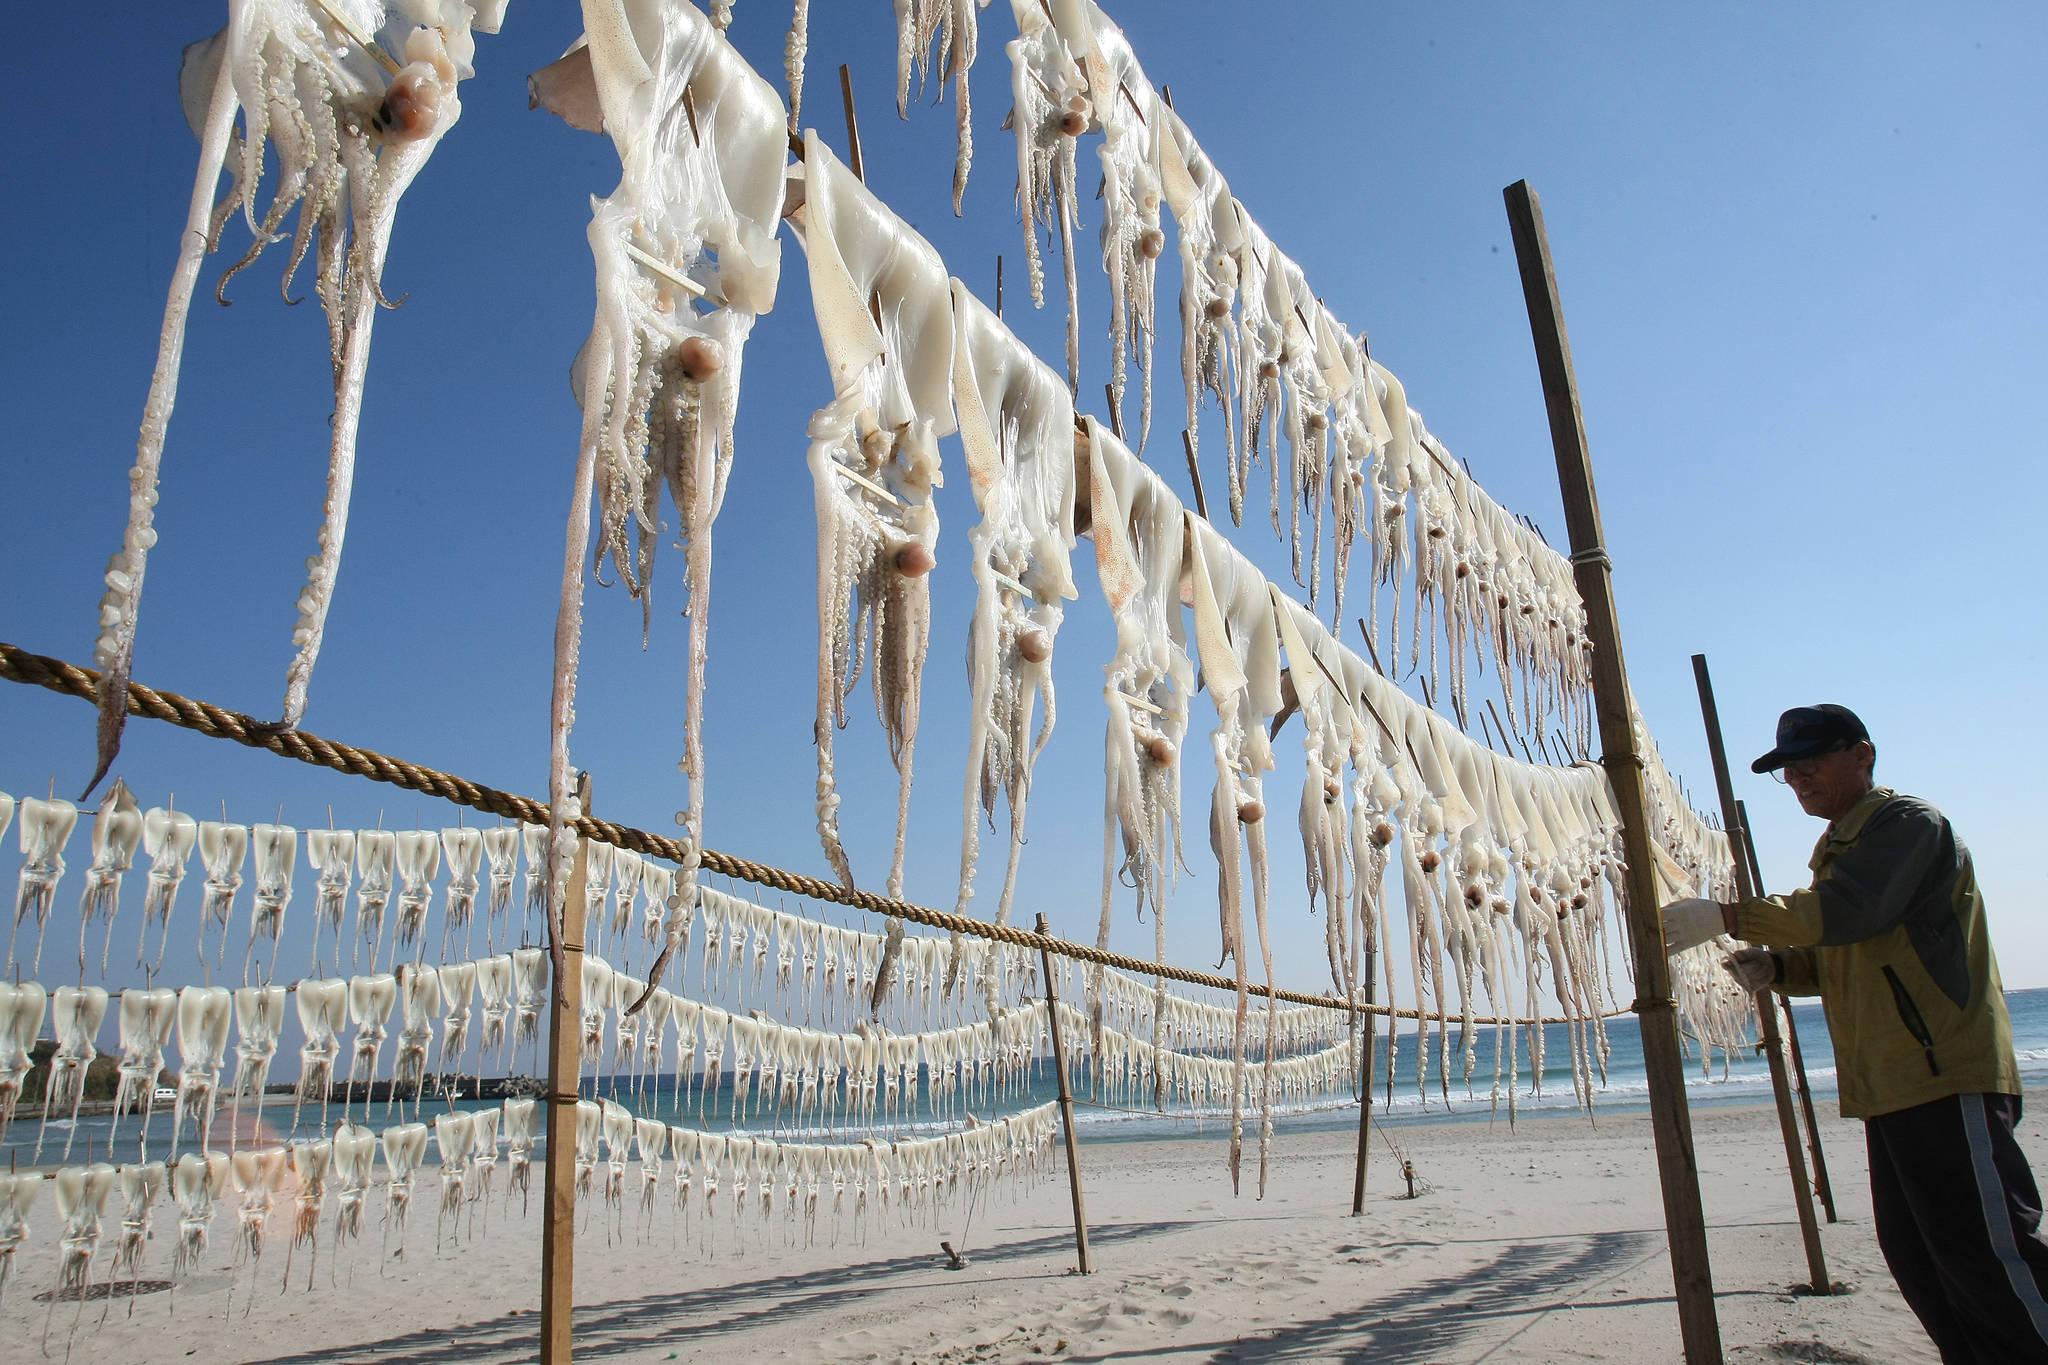 경북 포항시 인근에서 한 어민이 바닷바람에 오징어를 말리고 있다. [중앙포토]